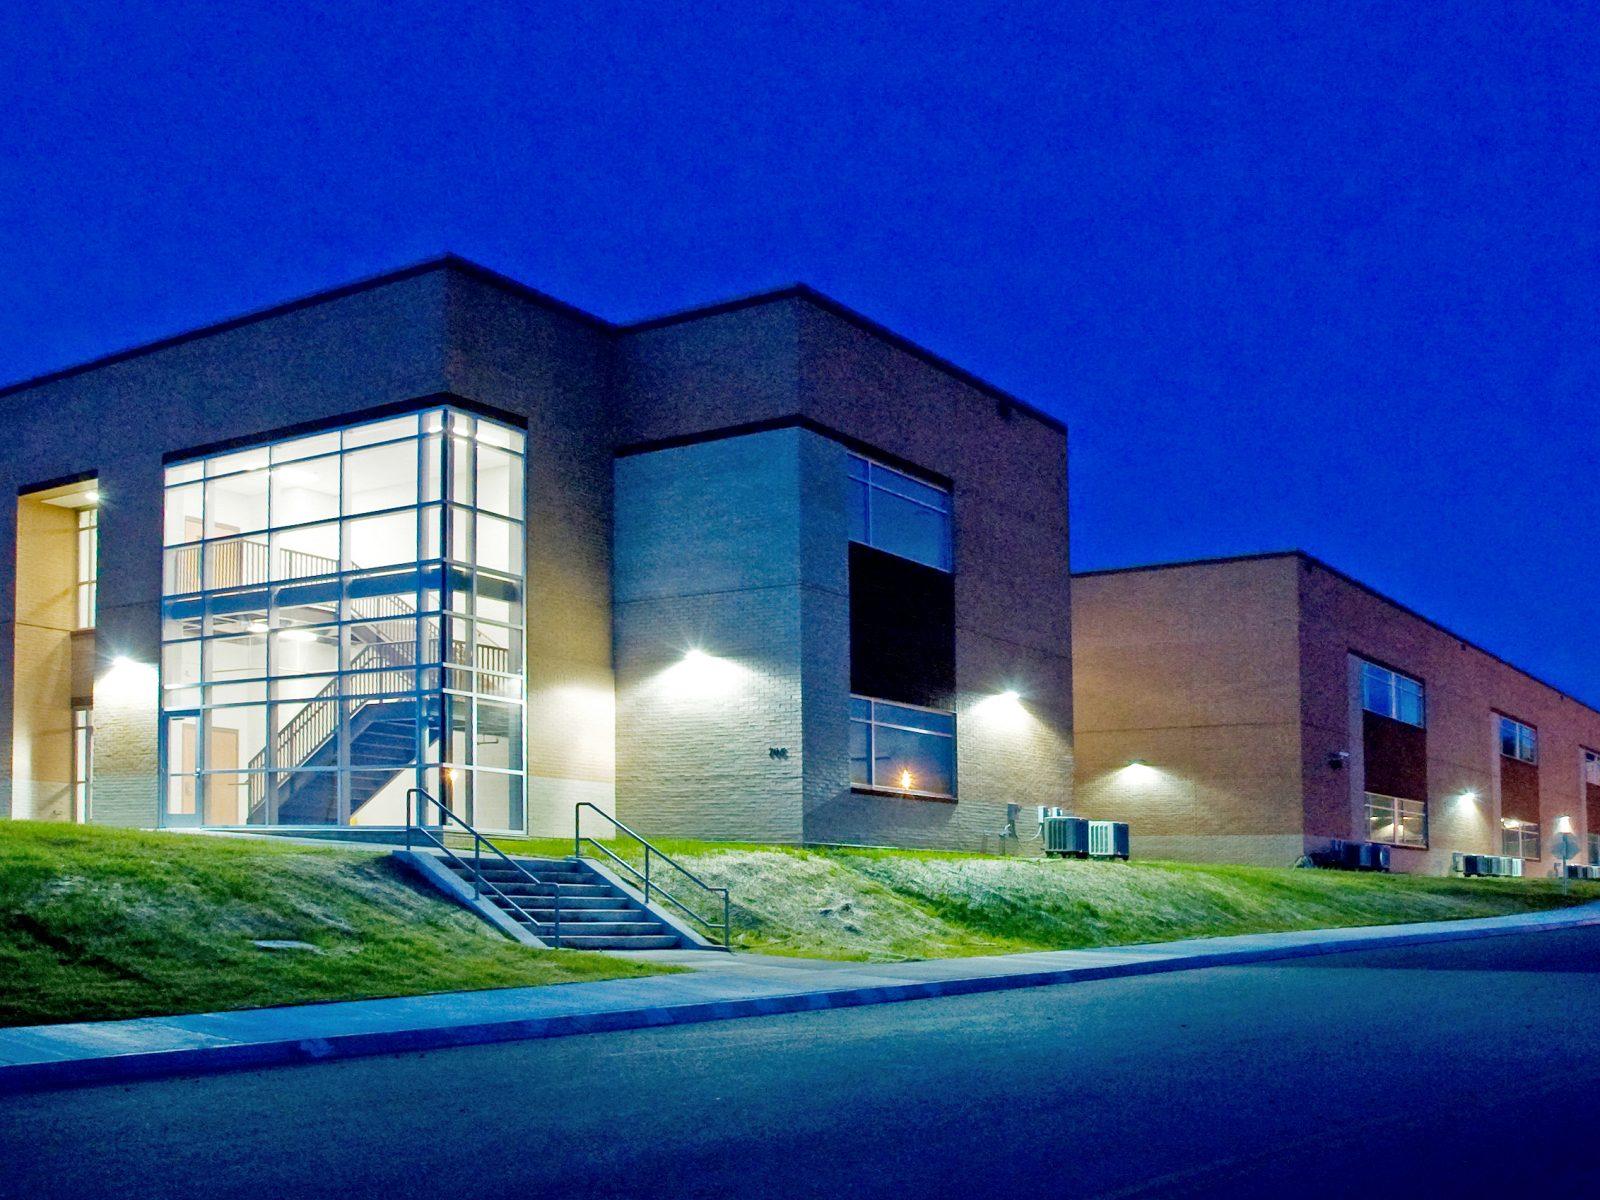 Cedar Bluff Elementary School